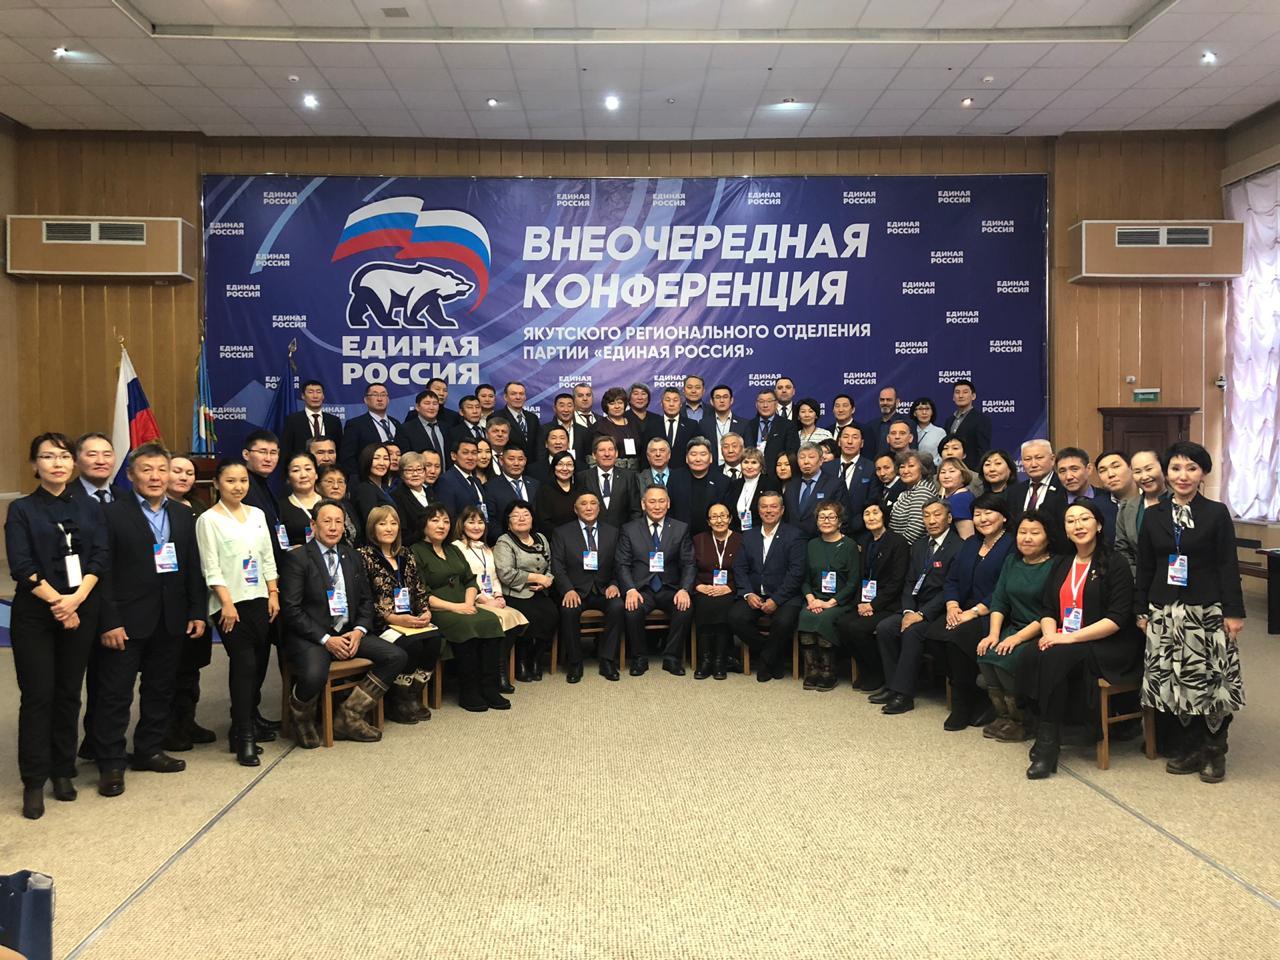 Завершила работу конференция Якутского регионального отделения партии «Единая Россия»